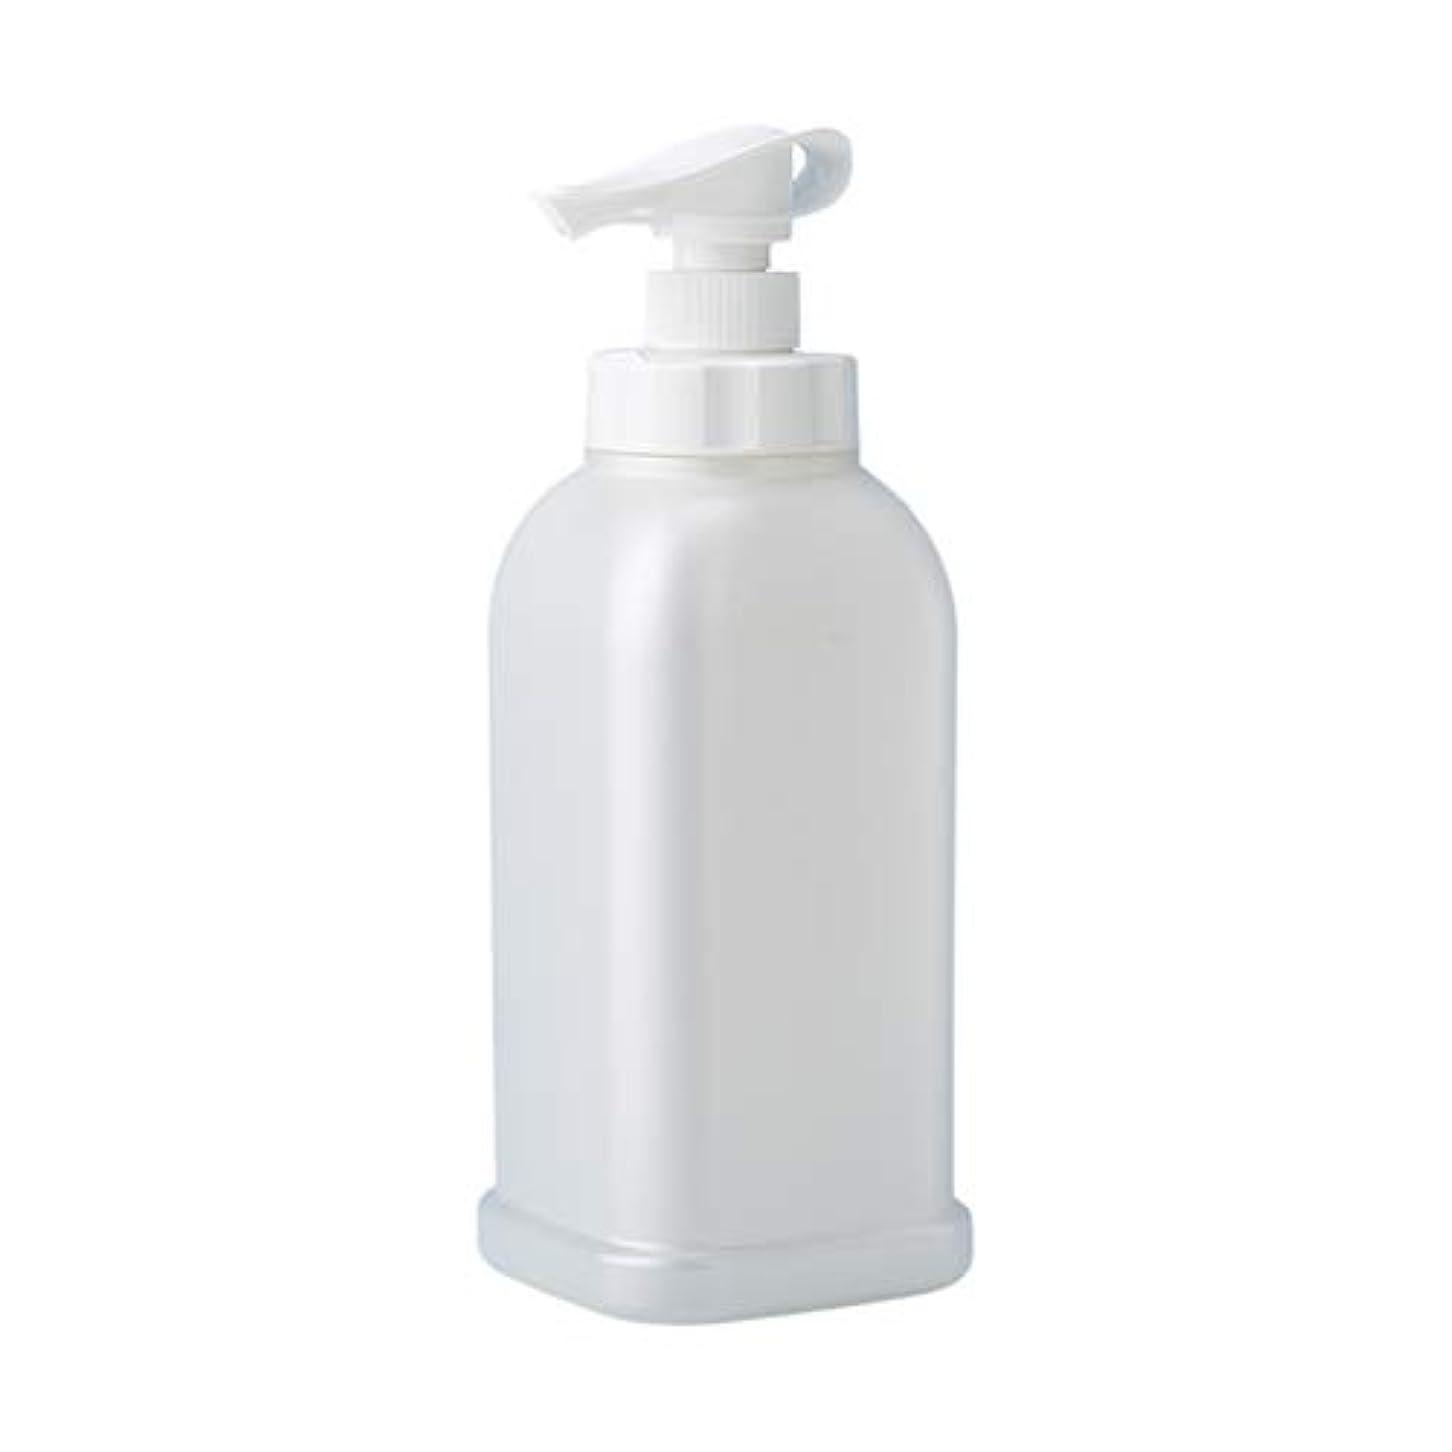 実際モルヒネ誠実安定感のある ポンプボトル シャンプー コンディショナー リンス ボディソープ ハンドソープ 1.2L詰め替え容器 パールホワイト